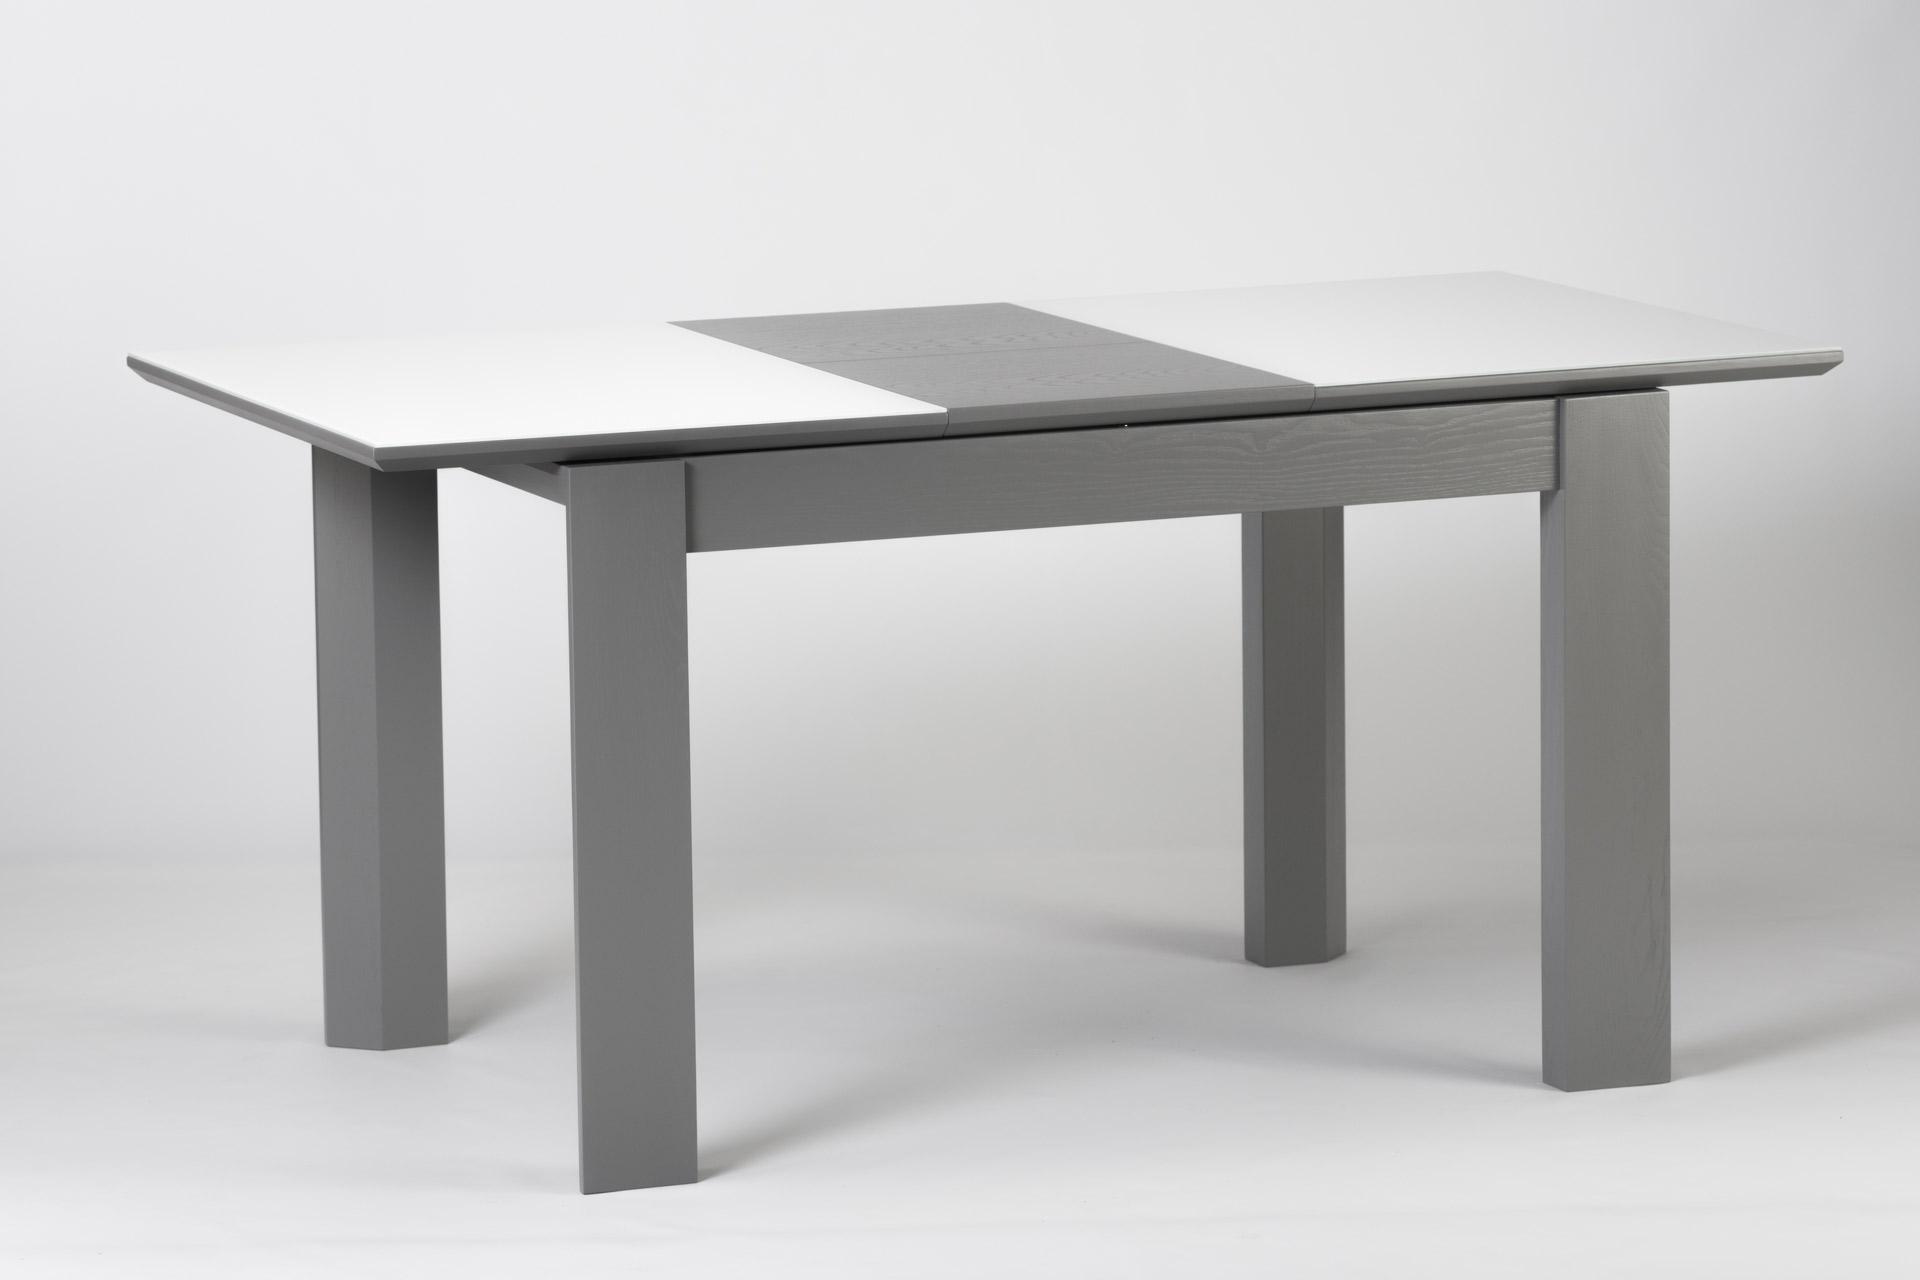 Кухонный стол Милан, из натурального дерева, с серыми ножками и белой прямоугольной столешницей со стеклянным покрытием, раскладной